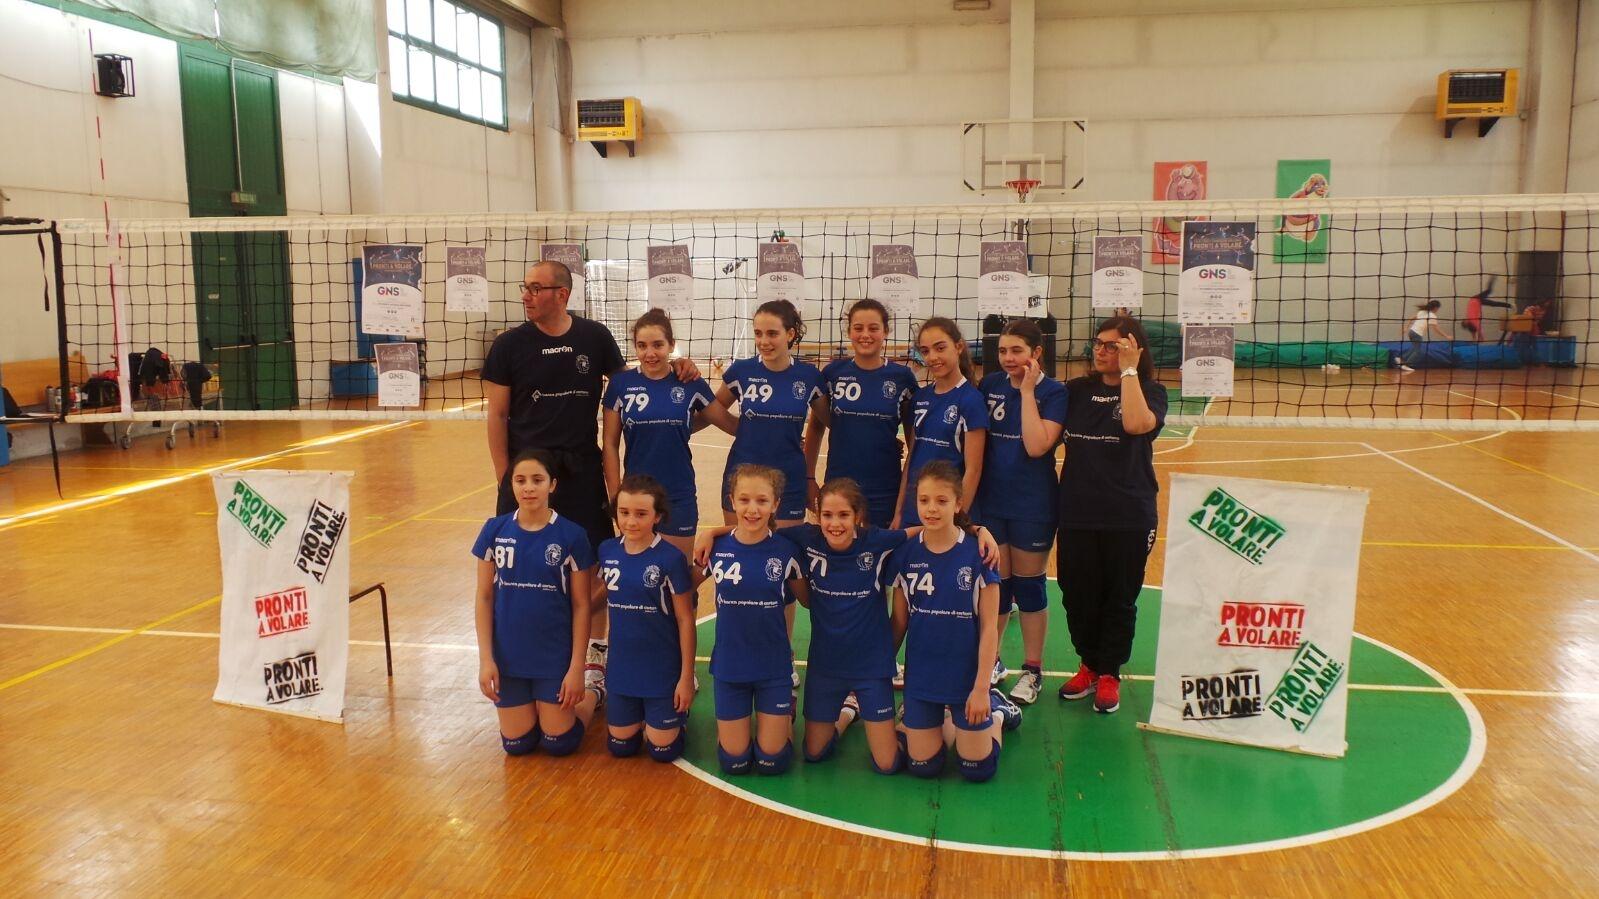 L'Under 12 femminile del Cortona Volley sul podio delle finali provinciali